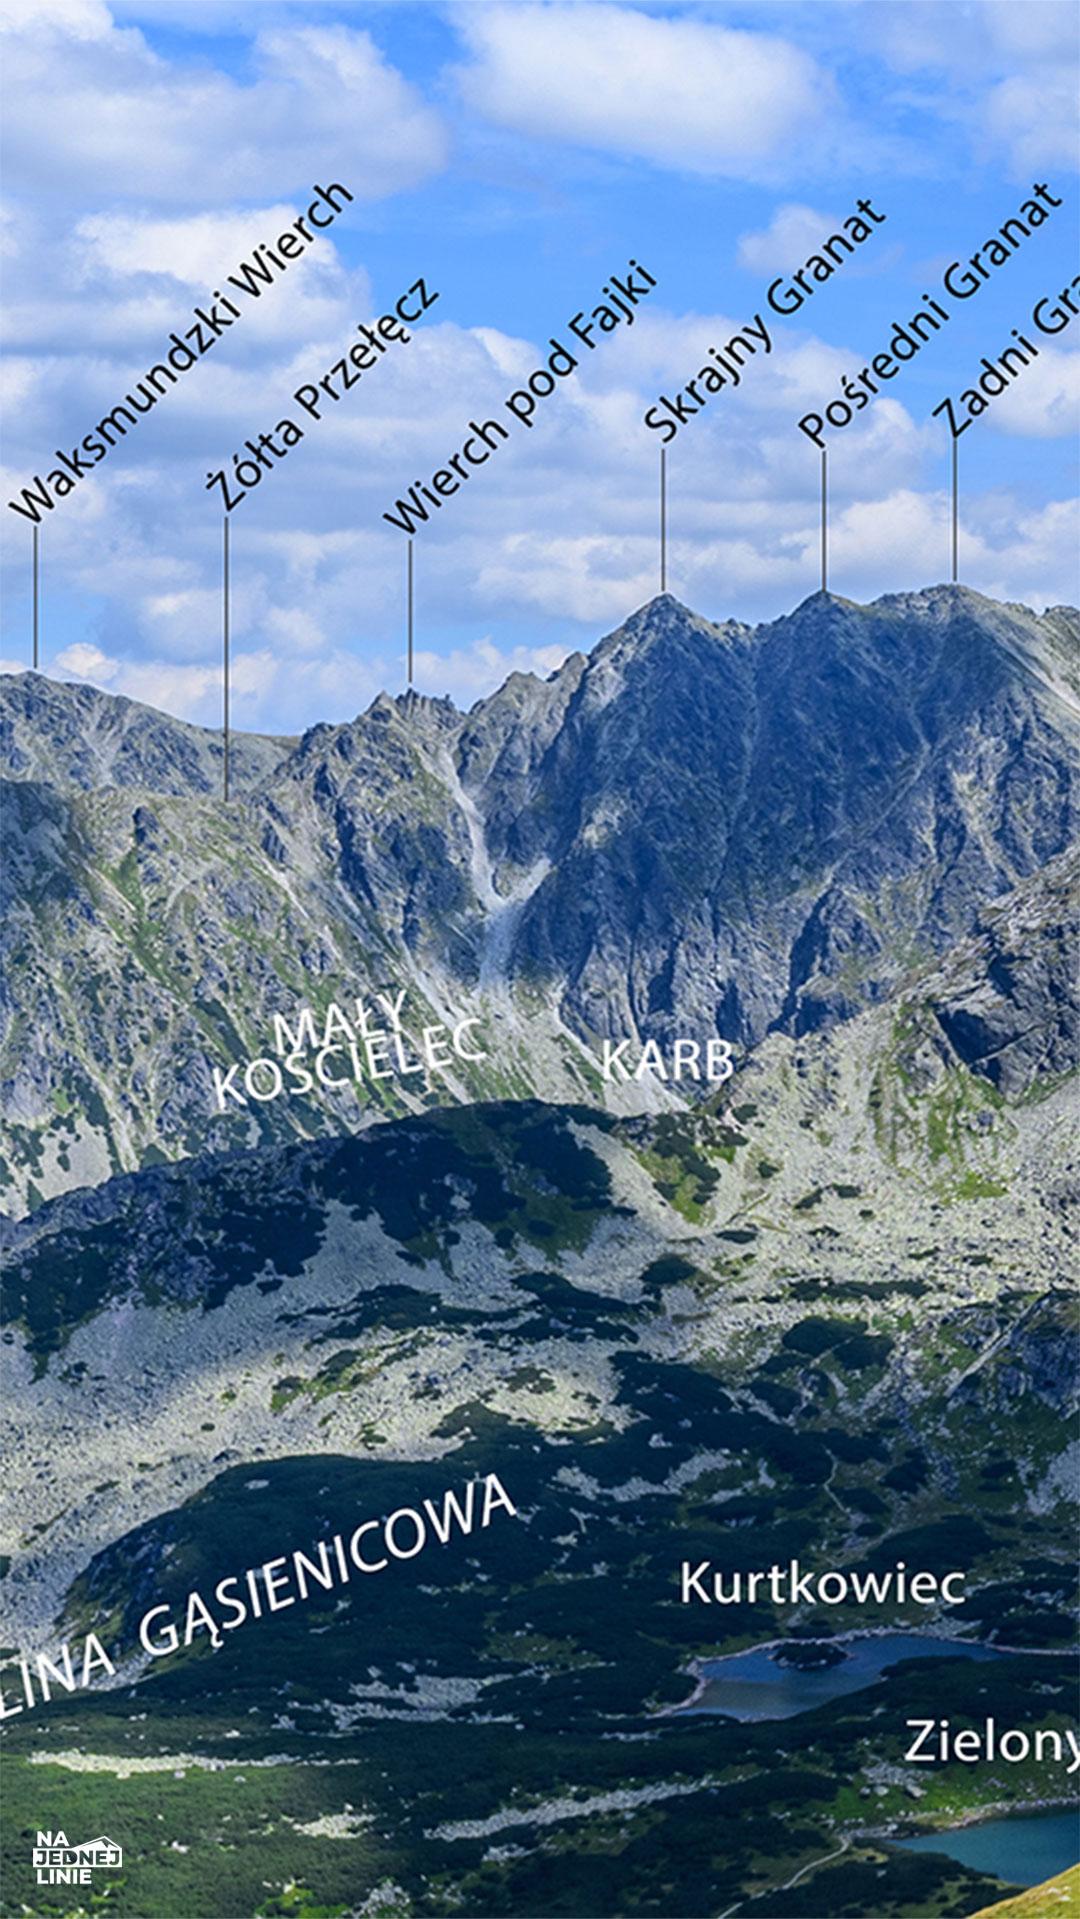 Panorama z Kasprowego Wierchu. Widok na Karb i Kurtkowiec